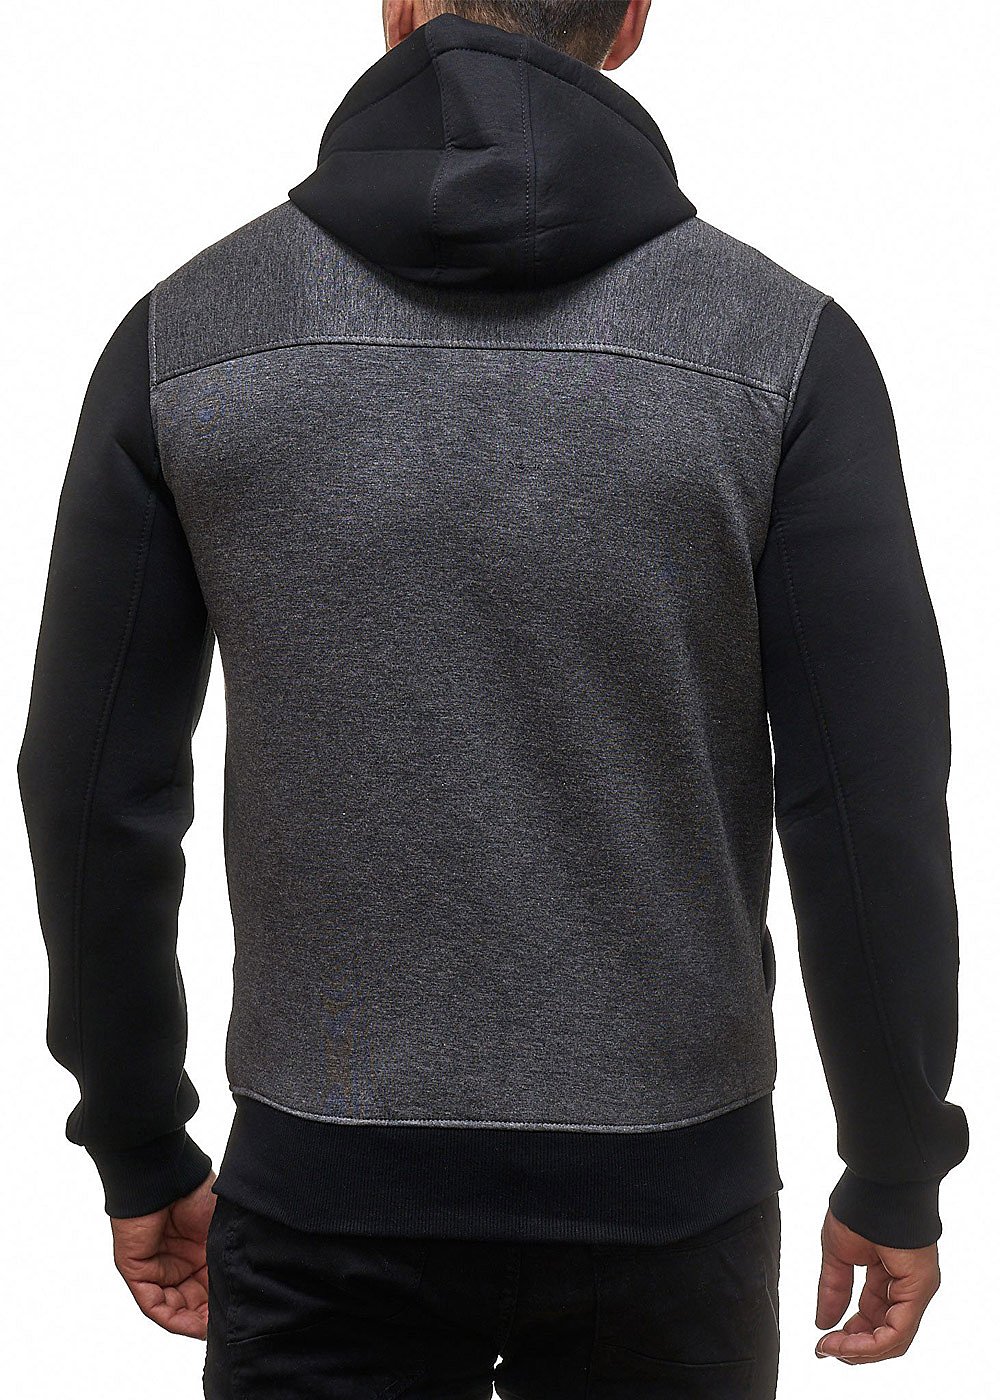 seventyseven lifestyle herren zip hoodie kapuze 2 taschen schwarz grau 77onlineshop. Black Bedroom Furniture Sets. Home Design Ideas